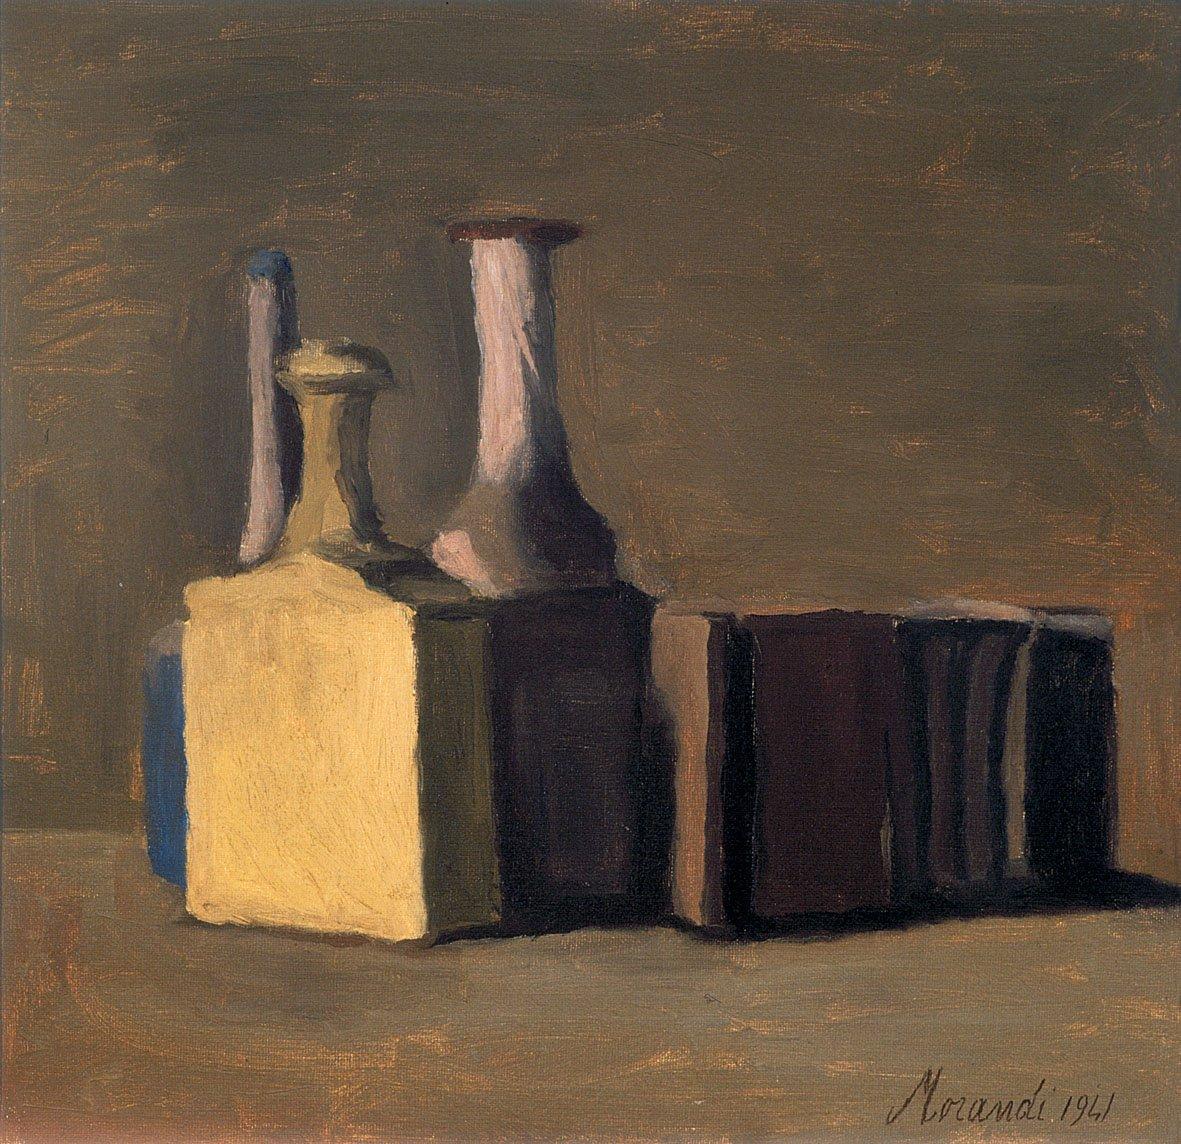 Giorgio Morandi, Natura morta, olio su tela, 1941. Fondazione Cassa di Risparmio di Verona Vicenza Belluno e Ancona